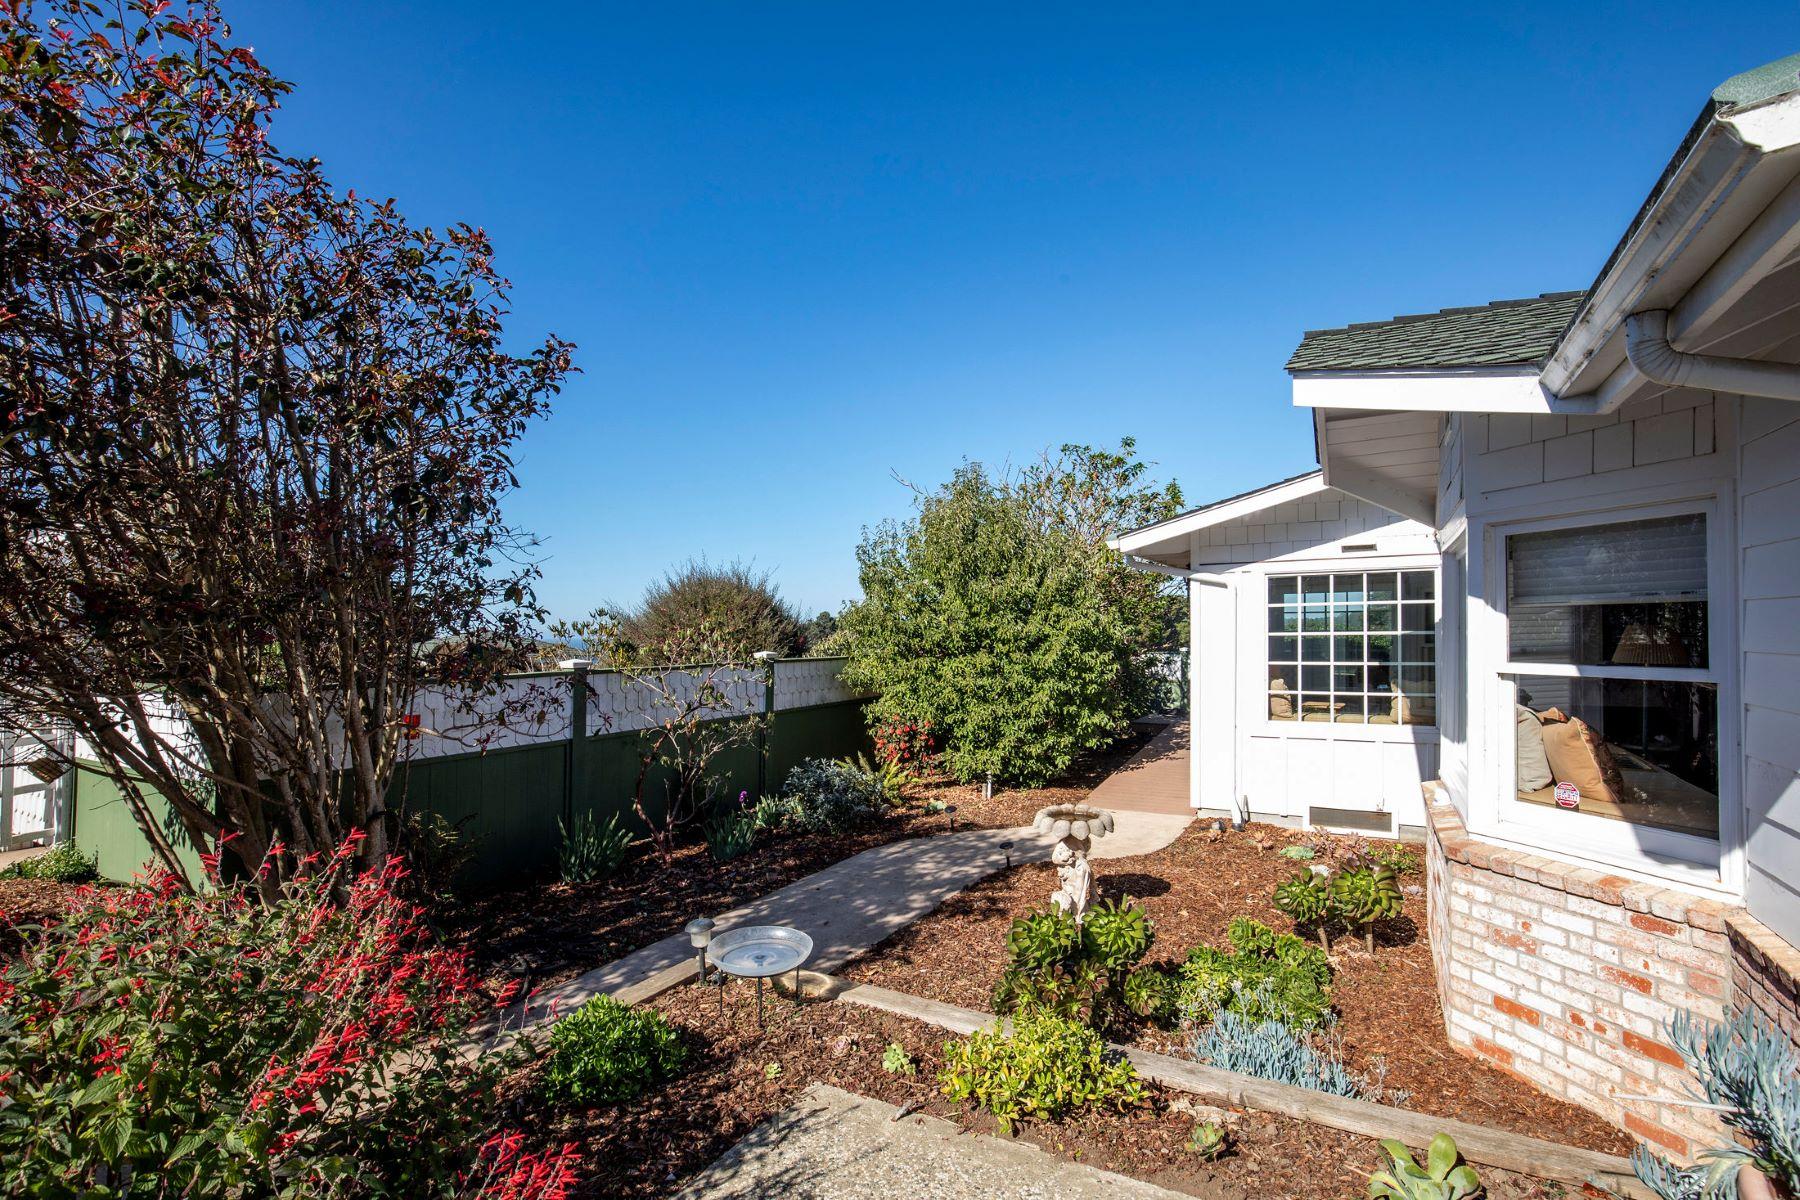 Property for Sale at Village Rambler 10751 Lansing Street Mendocino, California 95460 United States